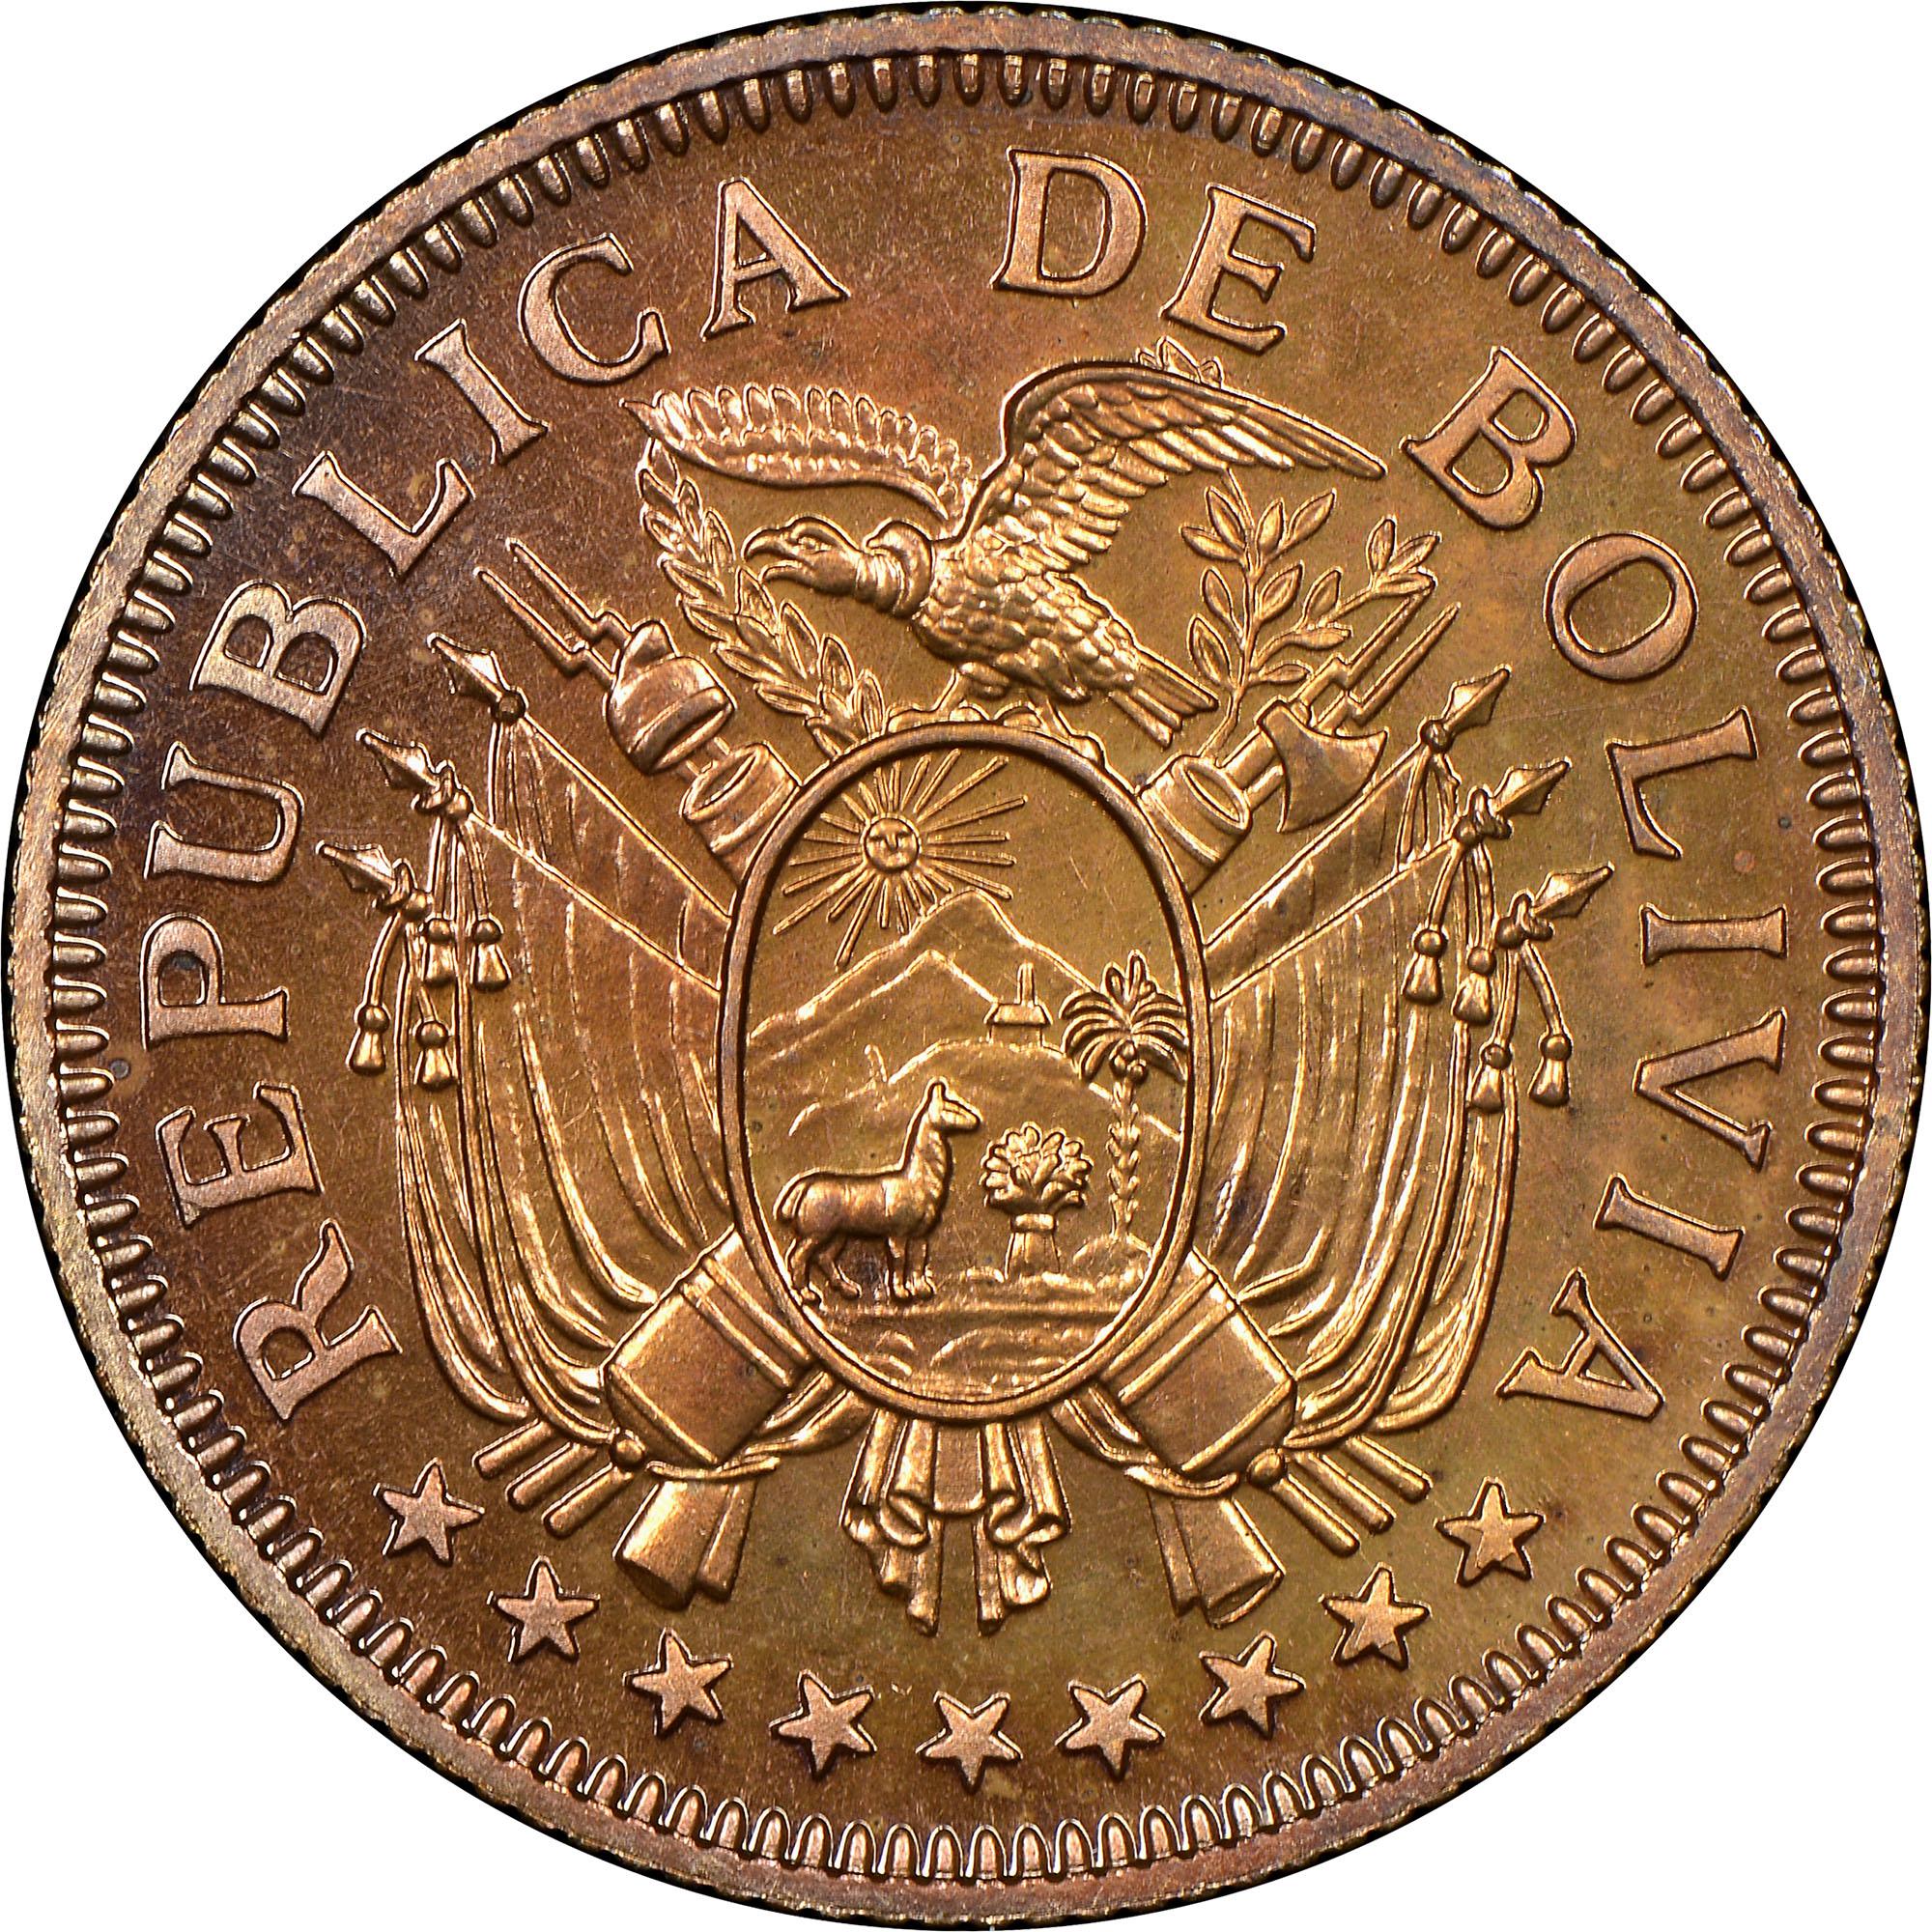 Bolivia 5 Bolivianos obverse